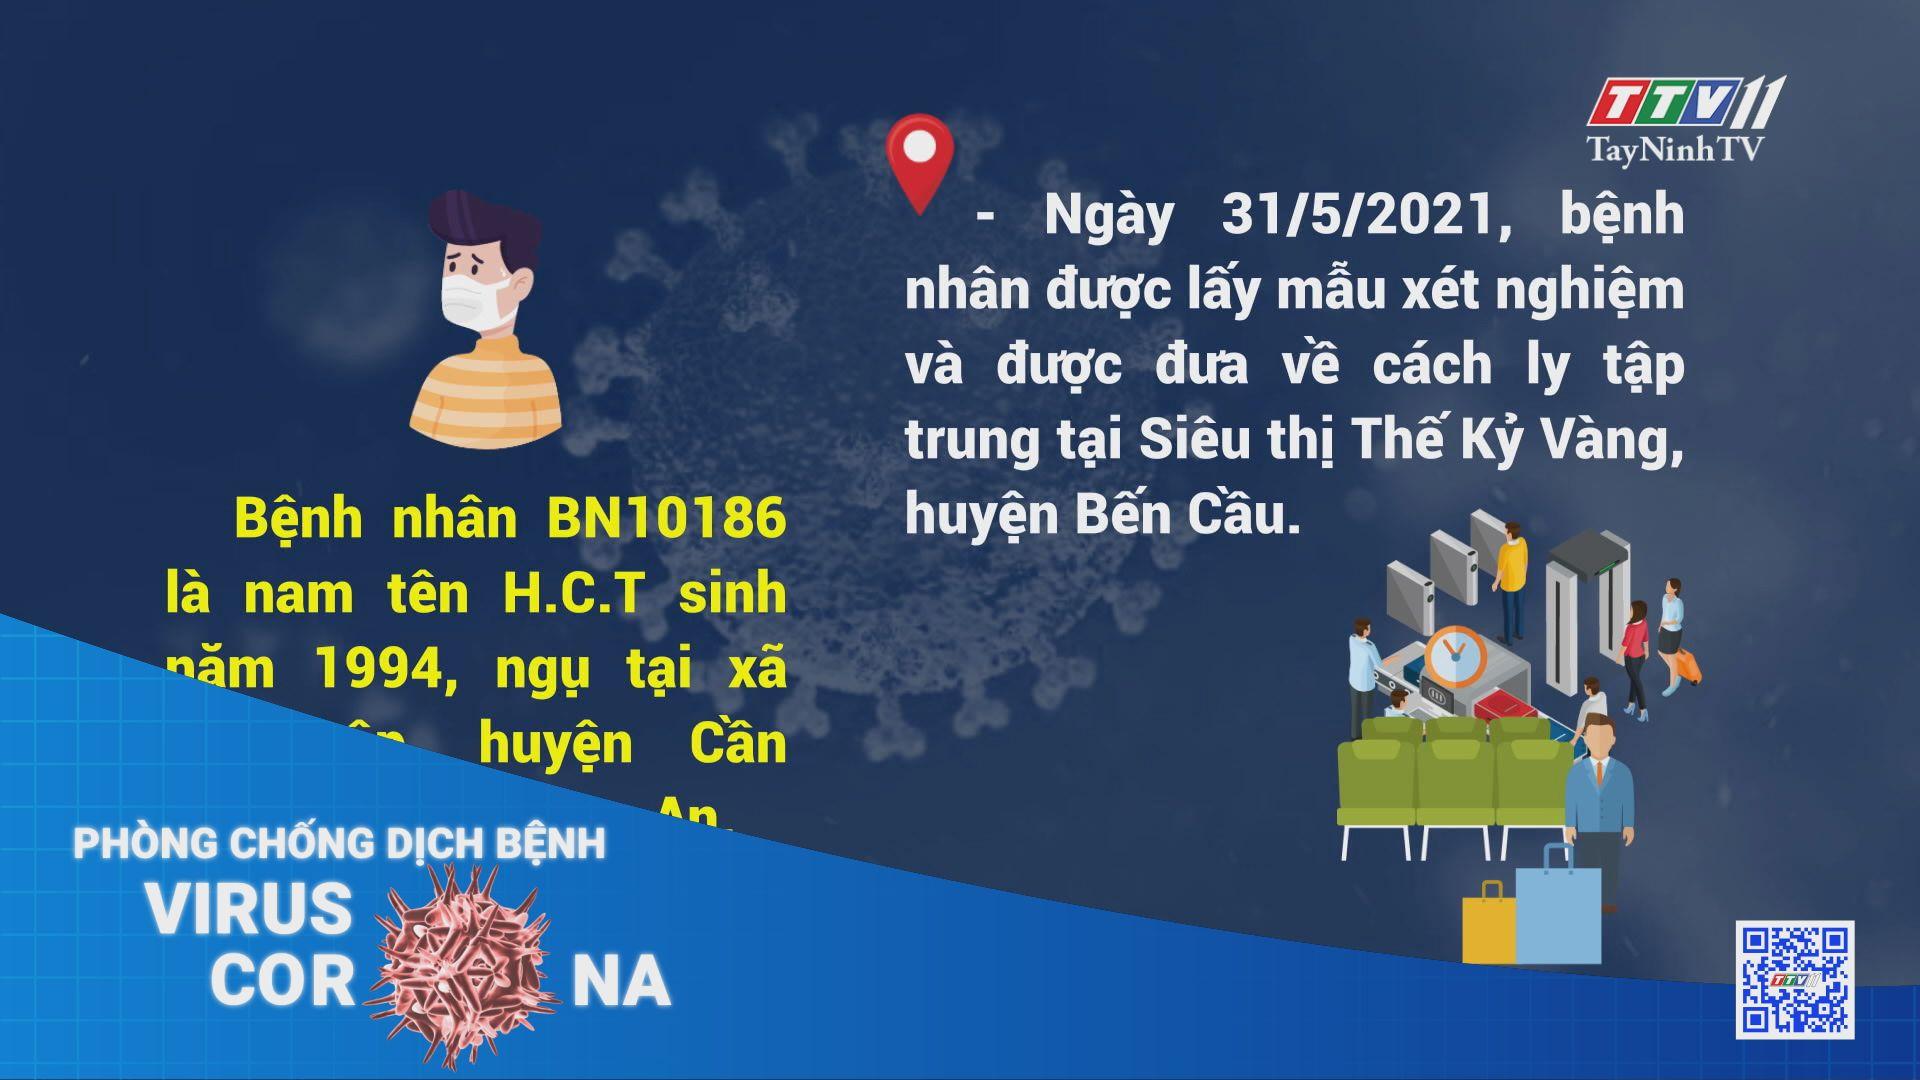 Ngày 12/6, Tây Ninh ghi nhận thêm 1 trường hợp dương tính với Virus SARS-CoV-2 | THÔNG TIN DỊCH CÚM COVID-19 | TayNinhTV